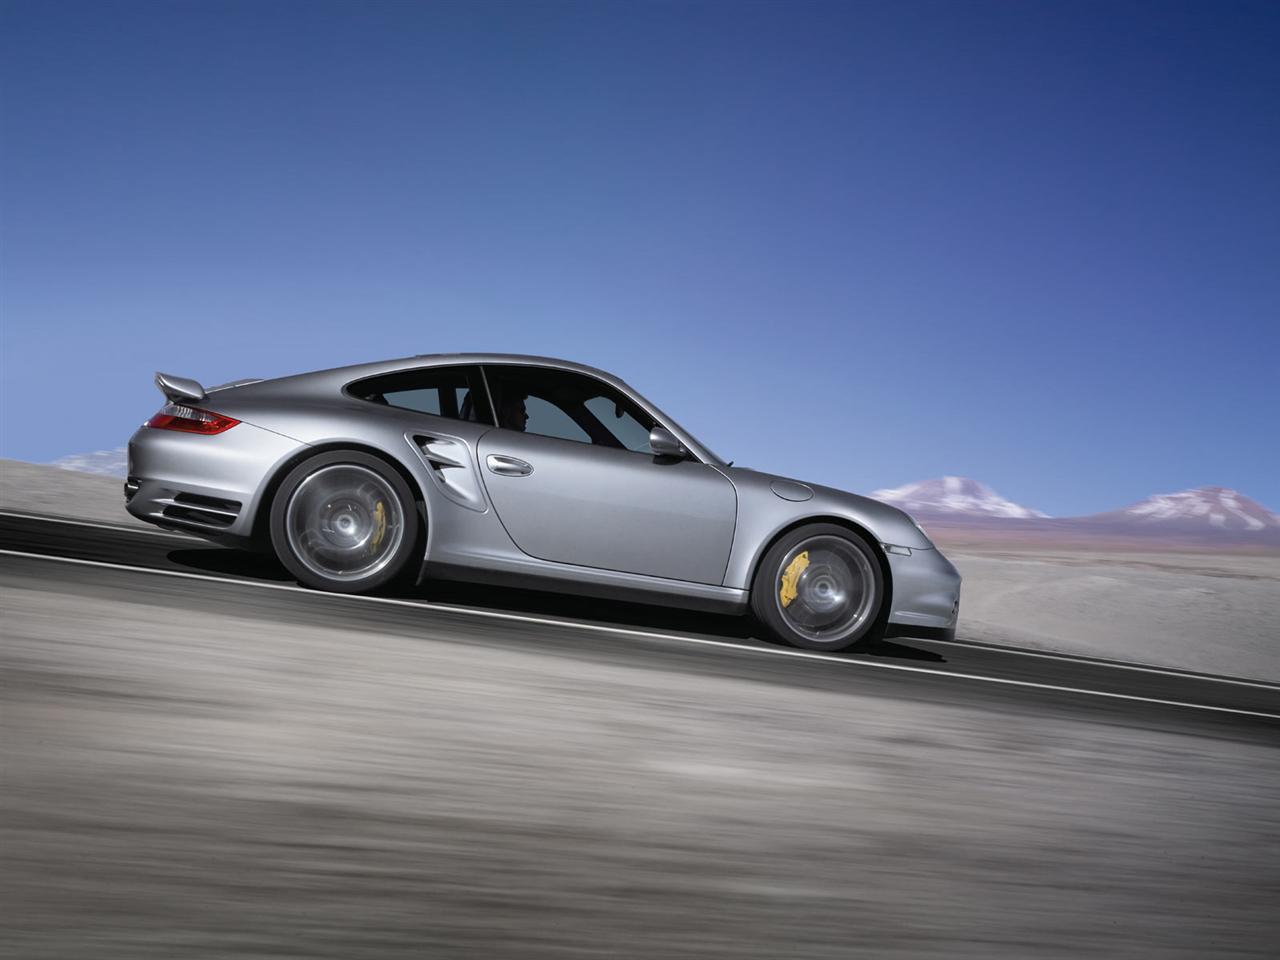 2009 Porsche 911 Turbo Image